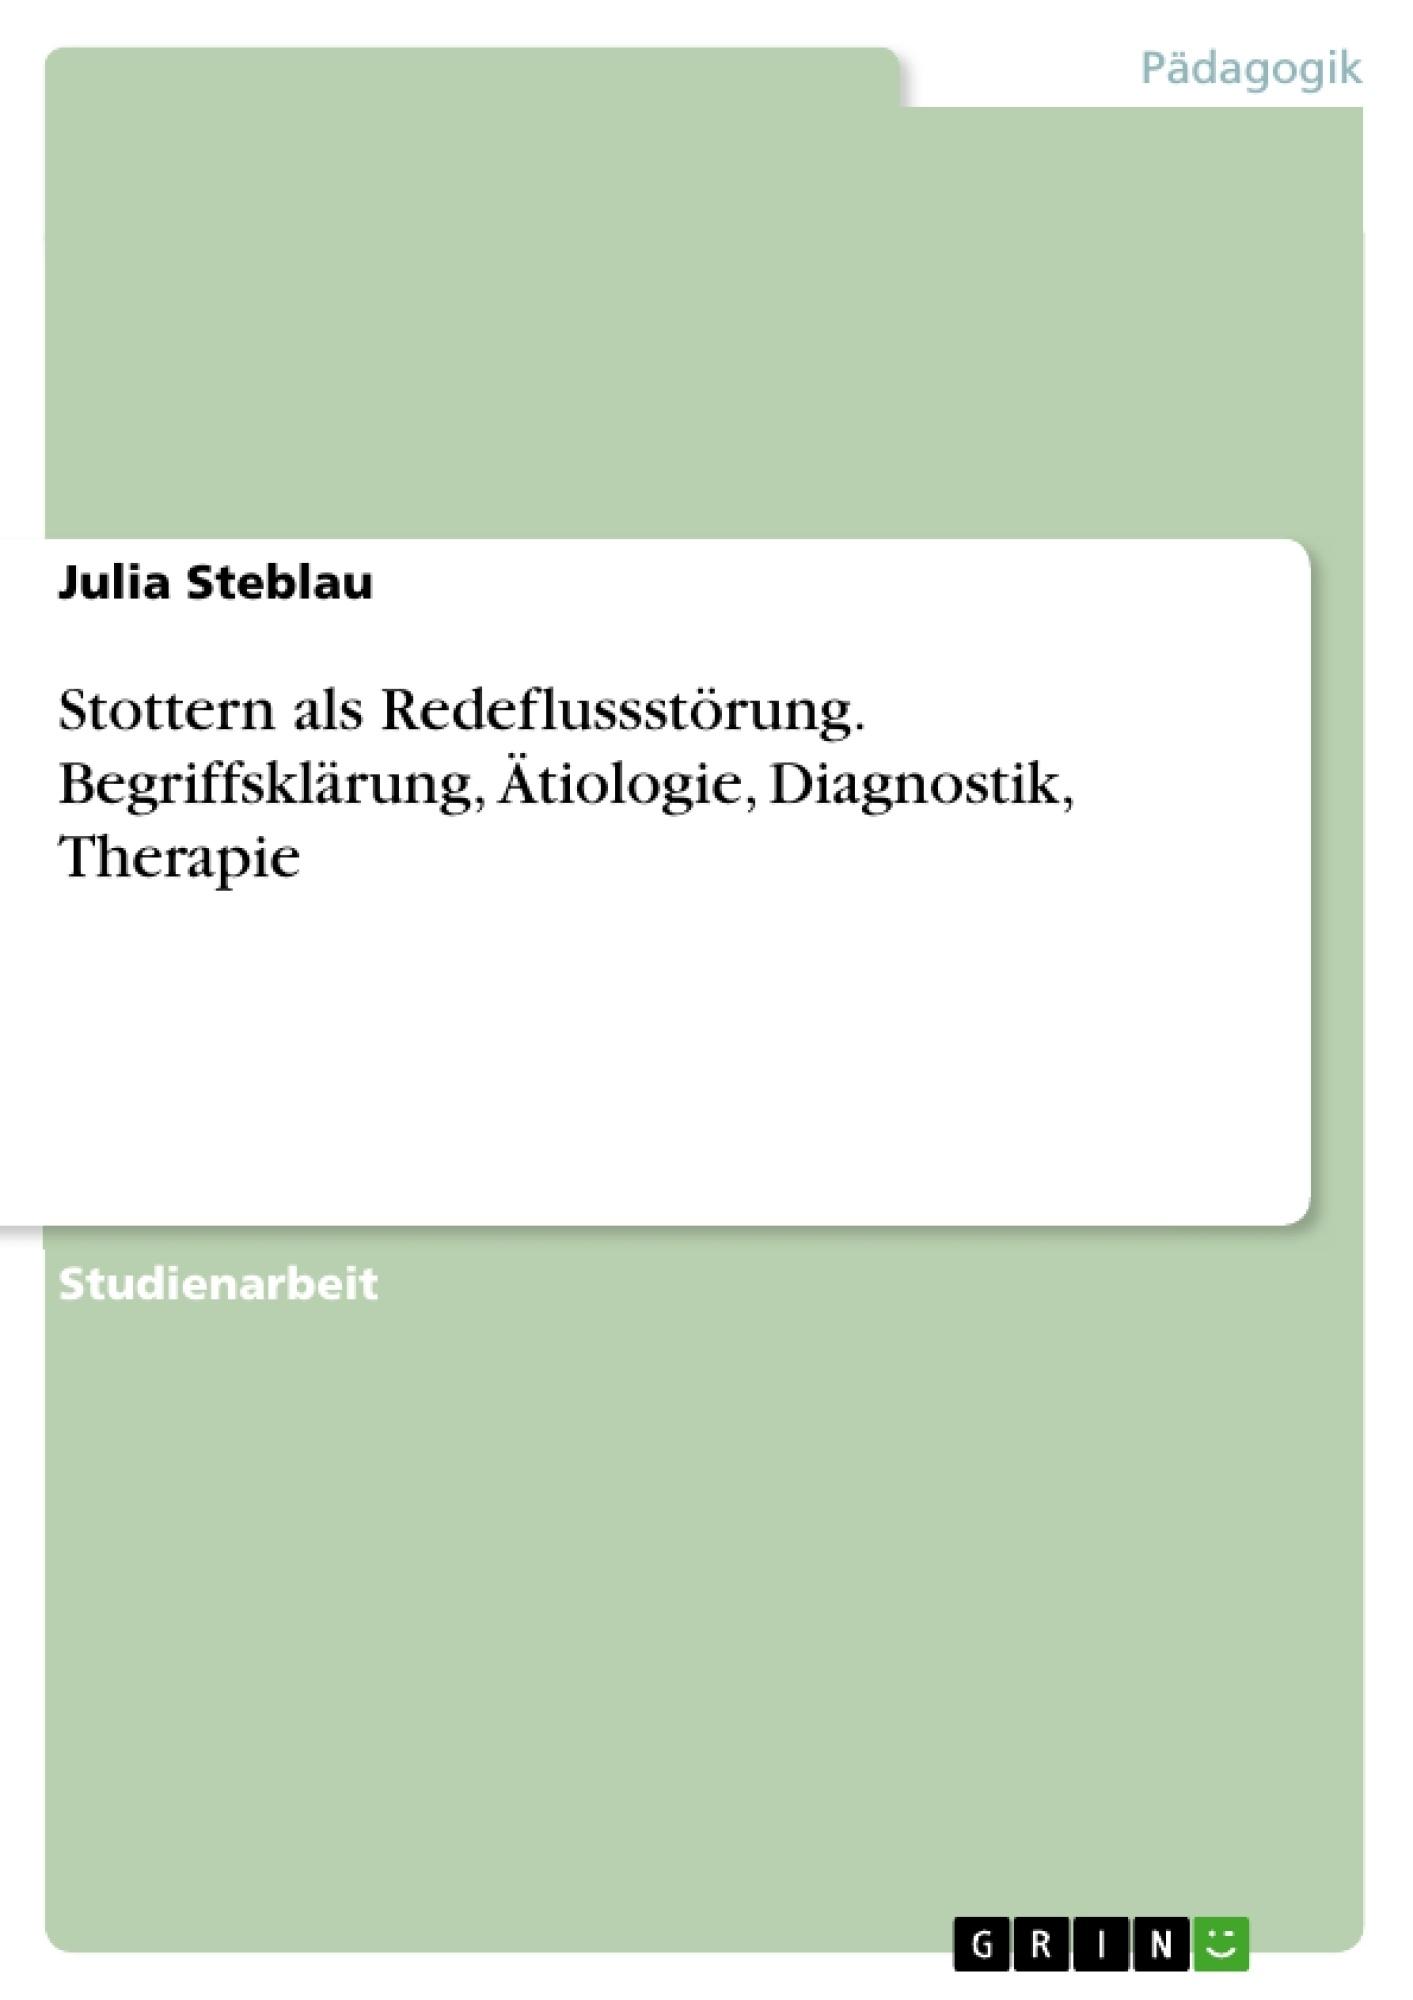 Titel: Stottern als Redeflussstörung. Begriffsklärung, Ätiologie, Diagnostik, Therapie